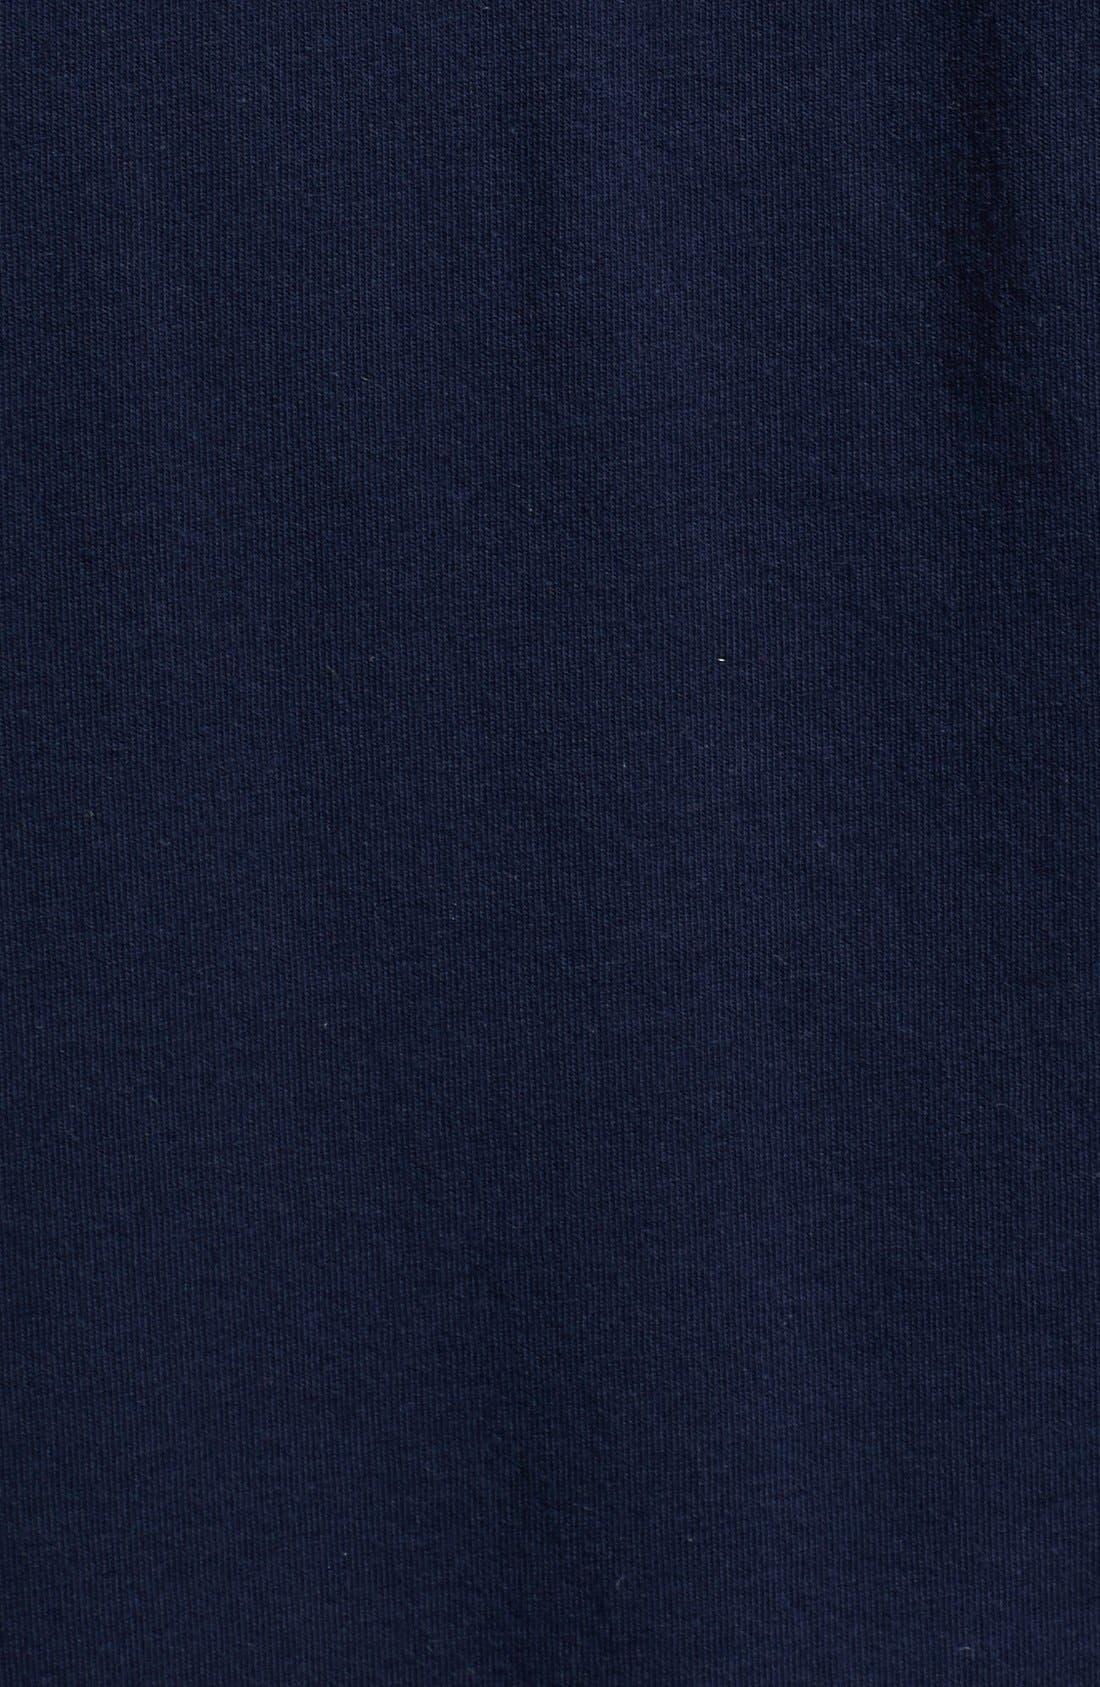 Alternate Image 3  - The Kooples Logo Embroidered Pocket V-Neck T-Shirt